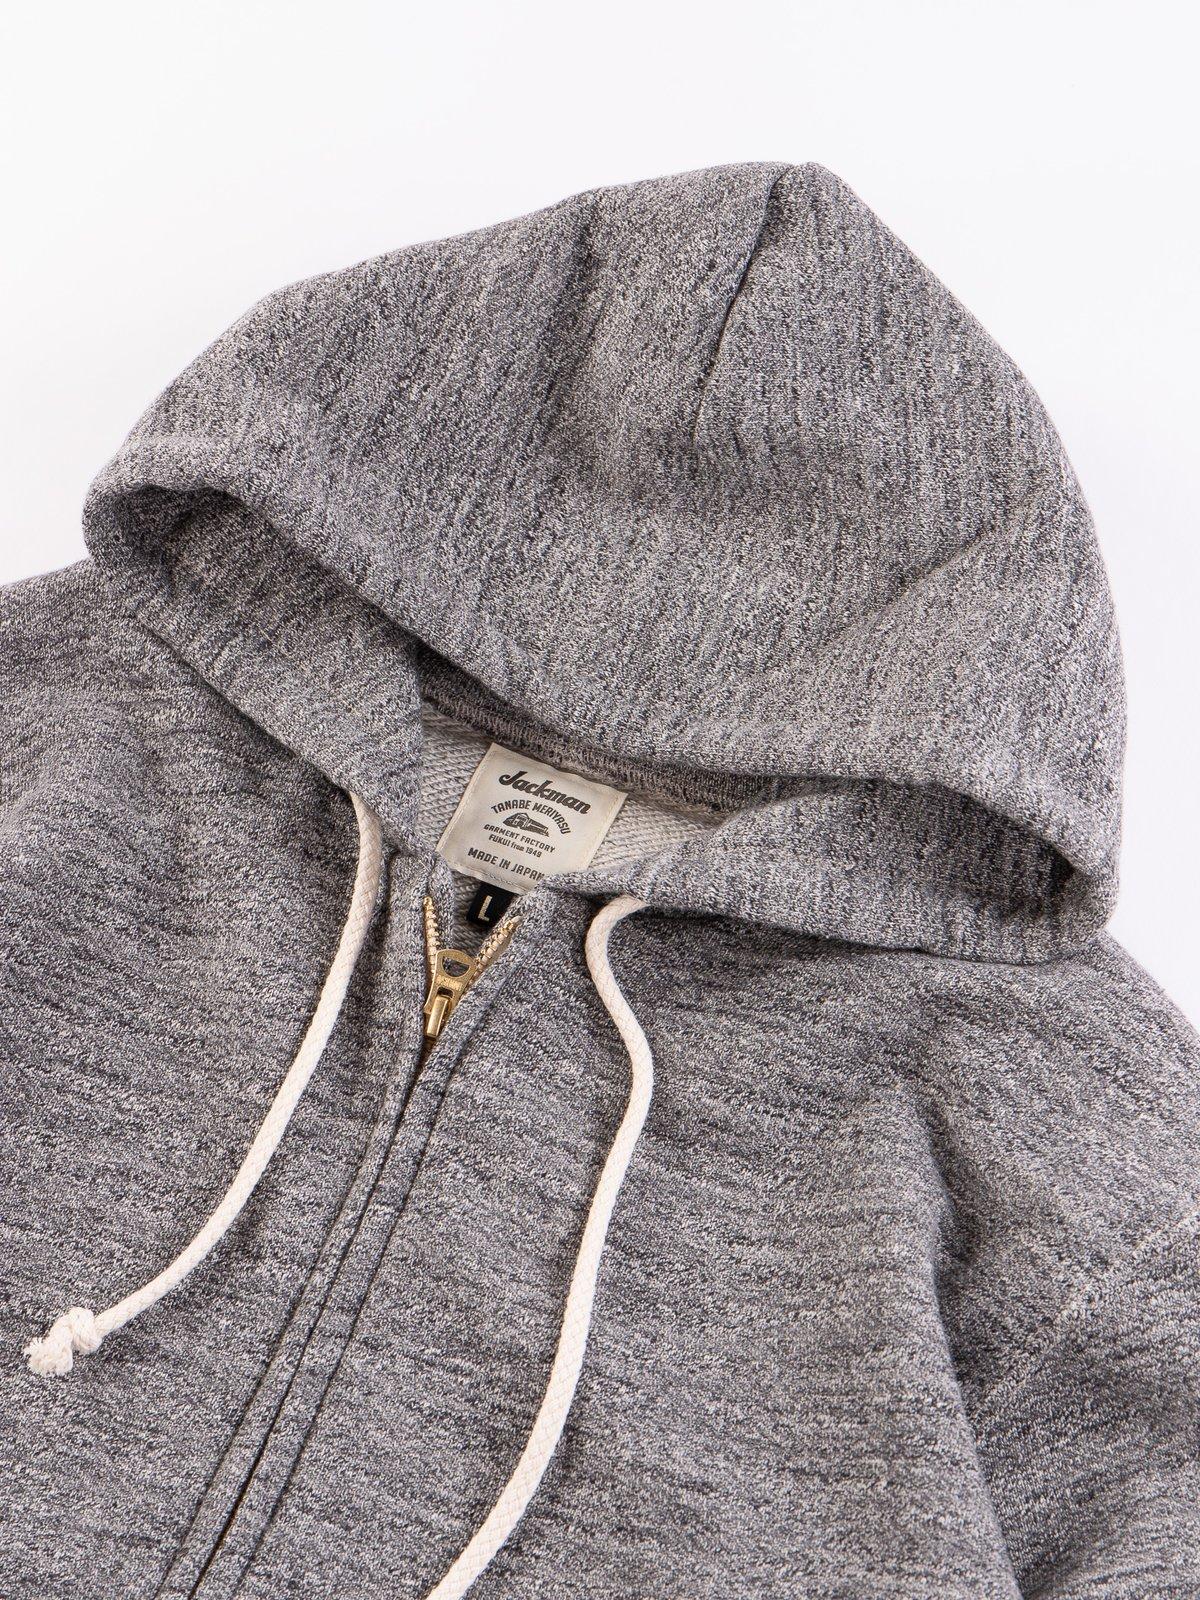 Charcoal GG Full Zip Sweatshirt - Image 5